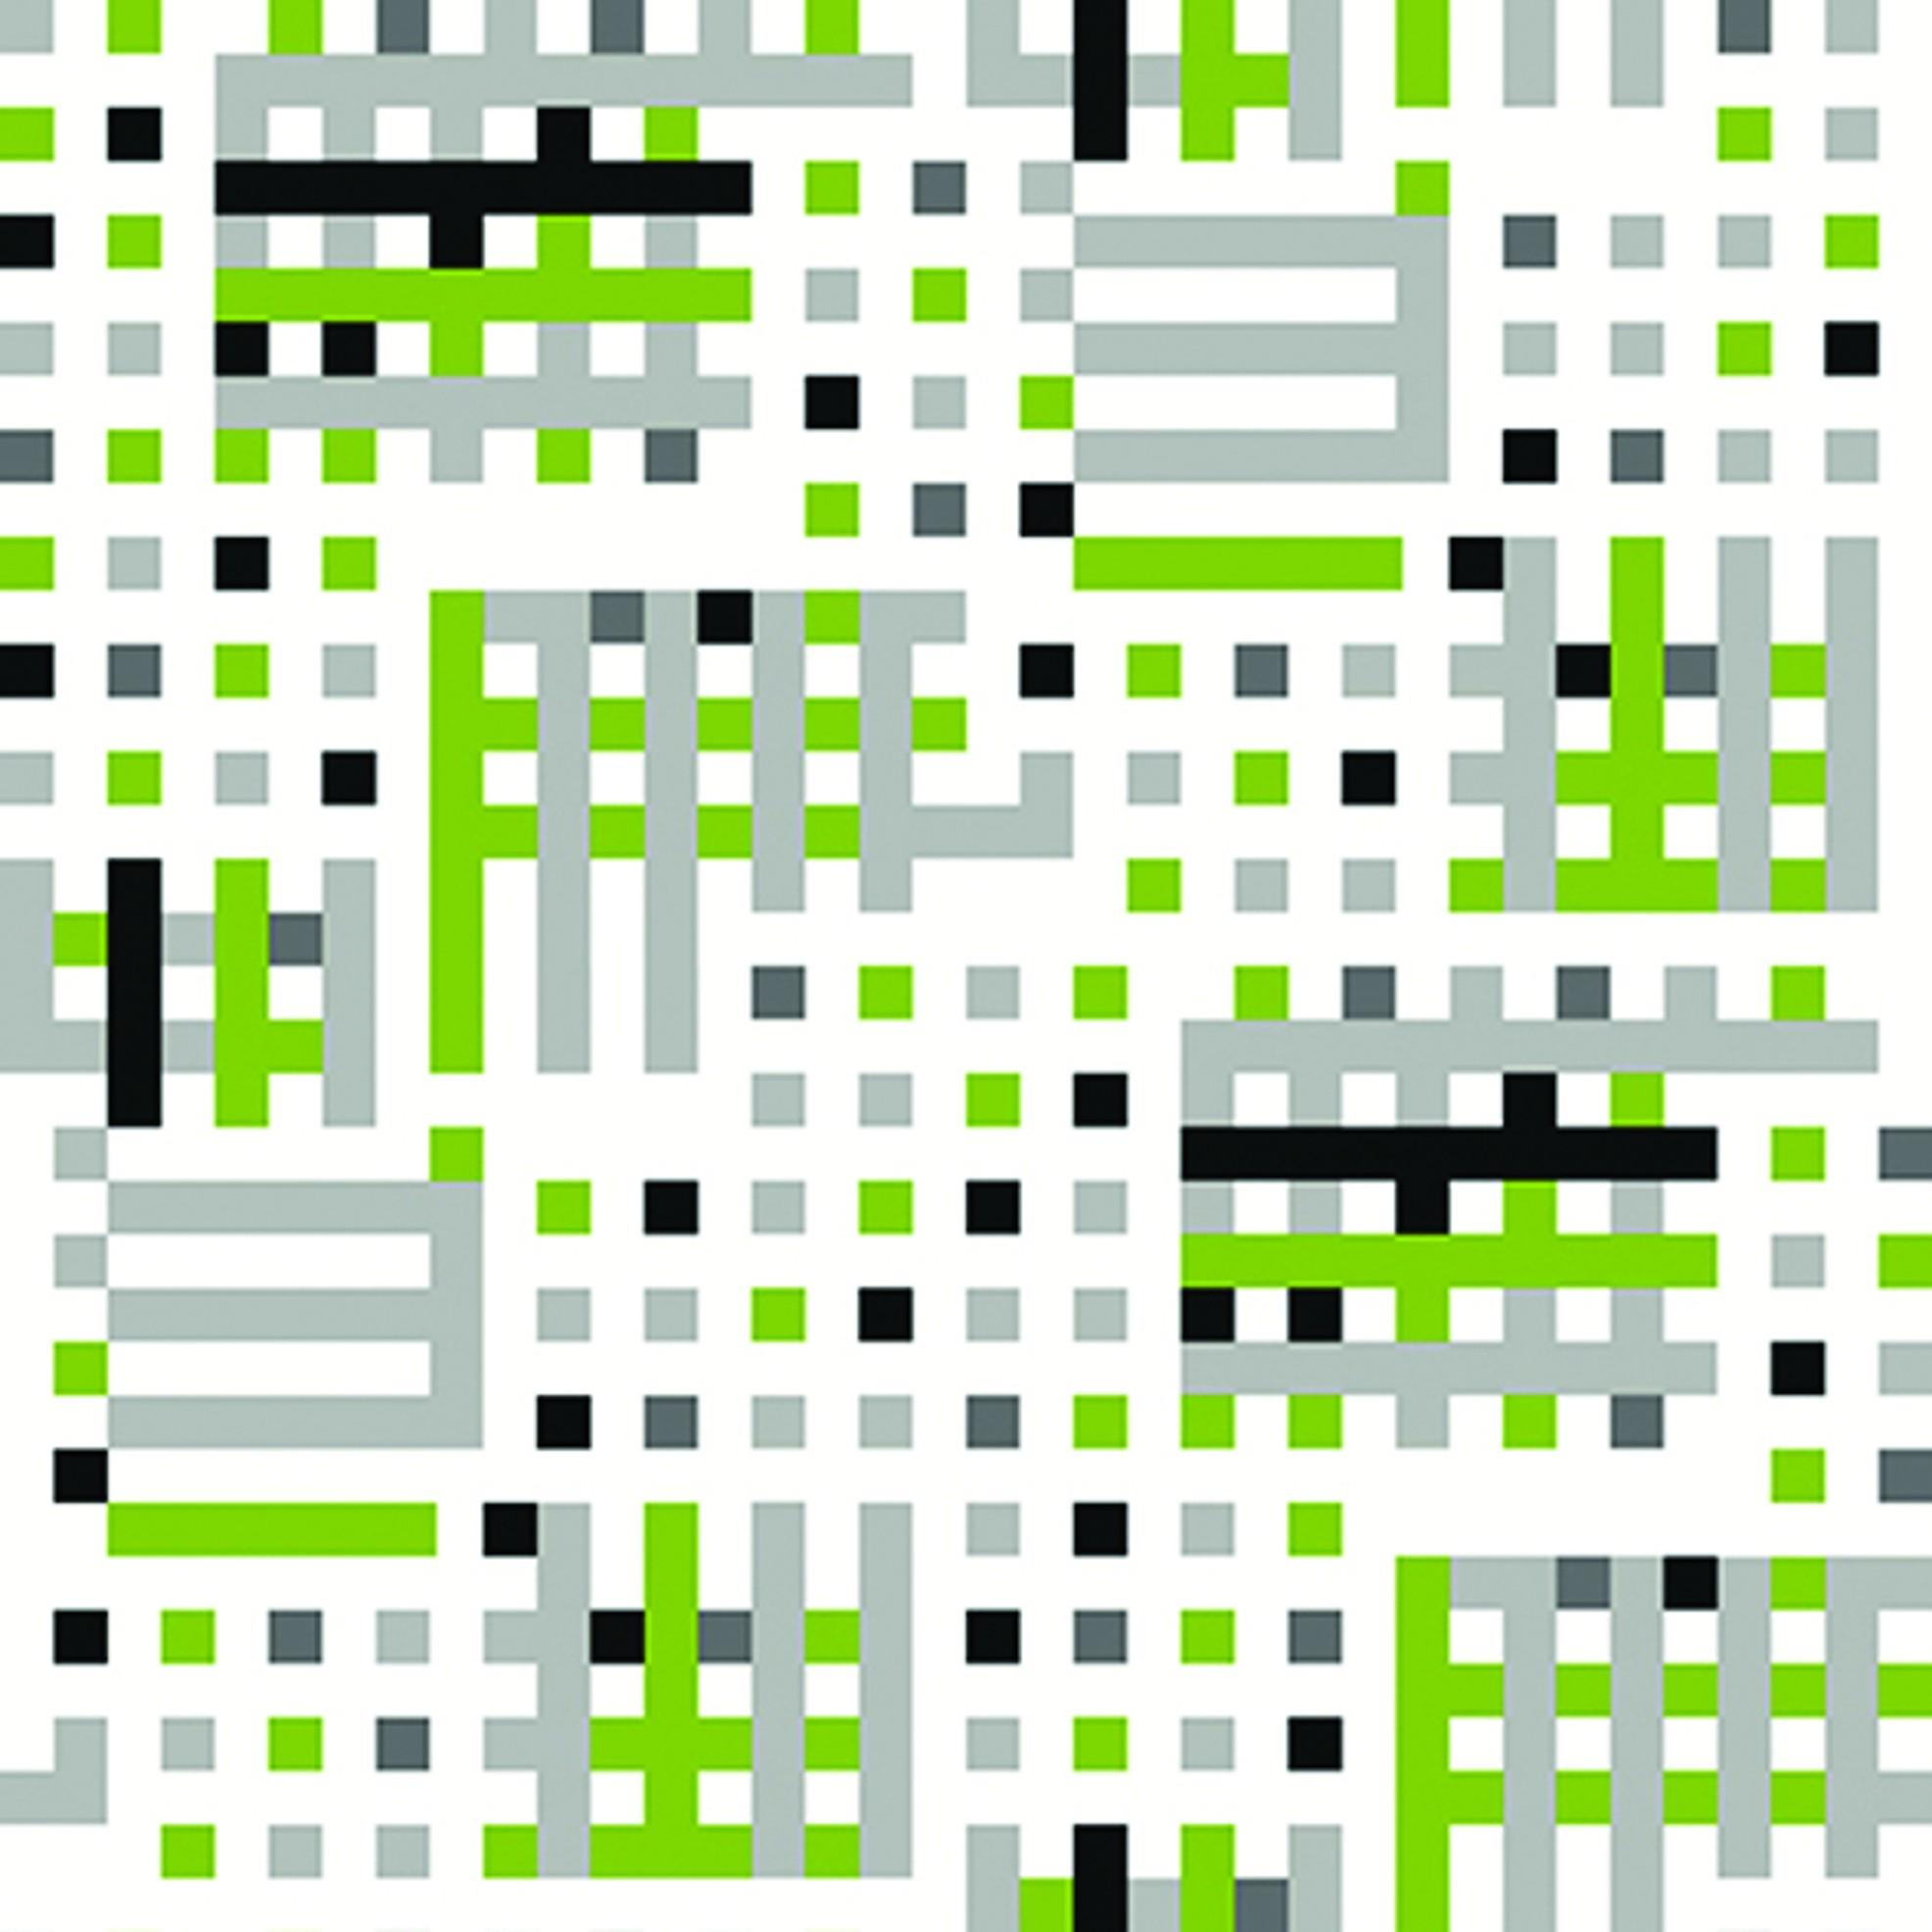 Tapeta na stěnu Vavex J134-04 | 0,53 x 10,05 m (Vinylová tapeta - zelená, černá, stříbrná)